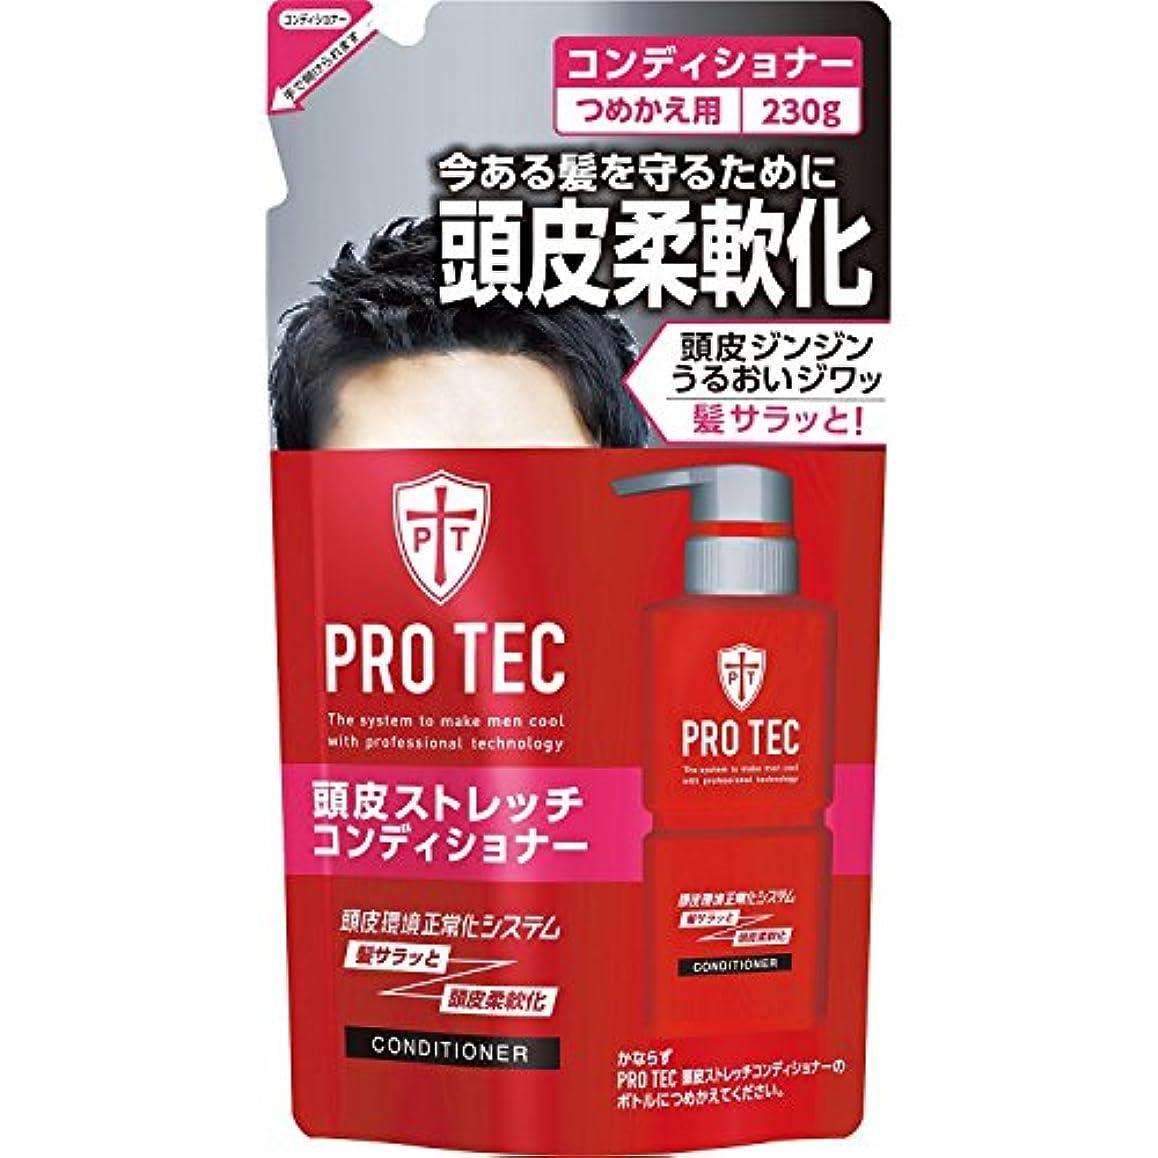 カメラ整然とした予算PRO TEC(プロテク) 頭皮ストレッチコンディショナー つめかえ用 230g ×20個セット